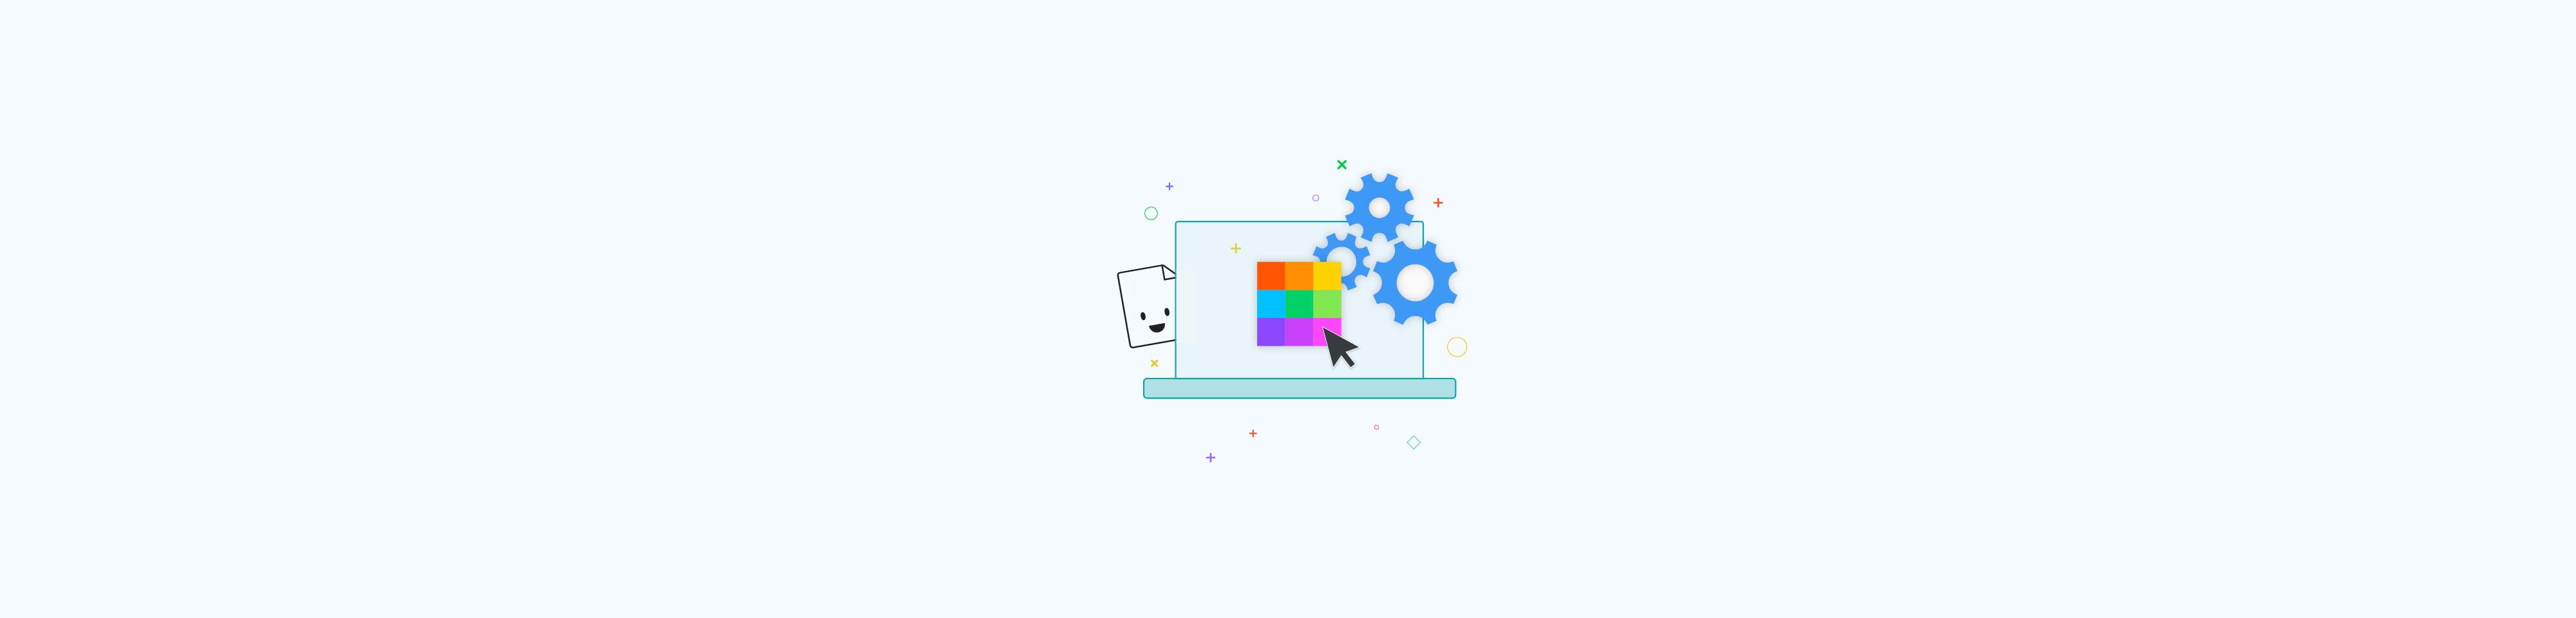 Pdf Tiedostojen Yhdistäminen Windows 10